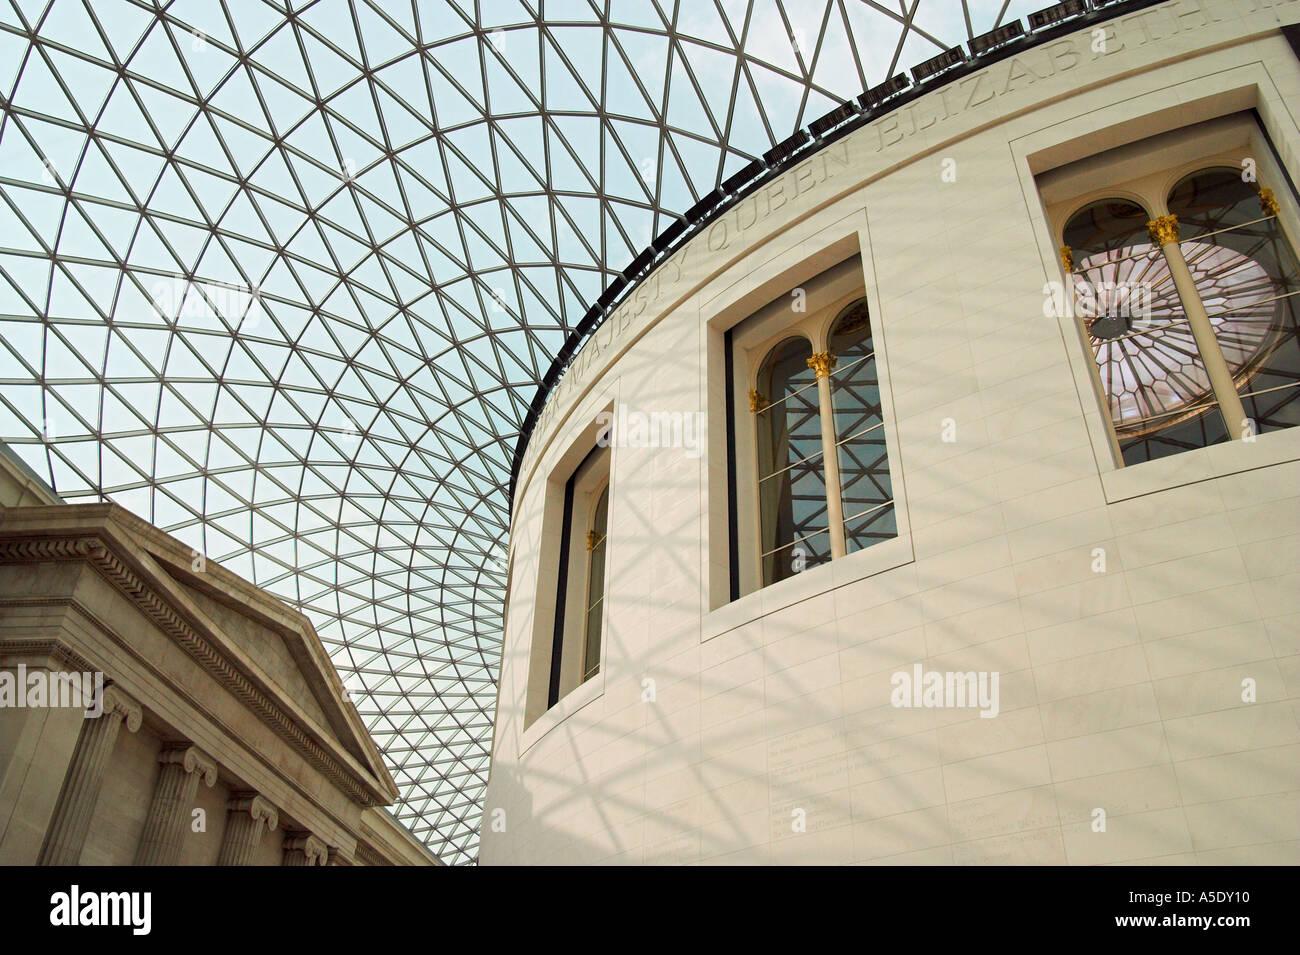 Der Great Court im British Museum in London England Stockbild